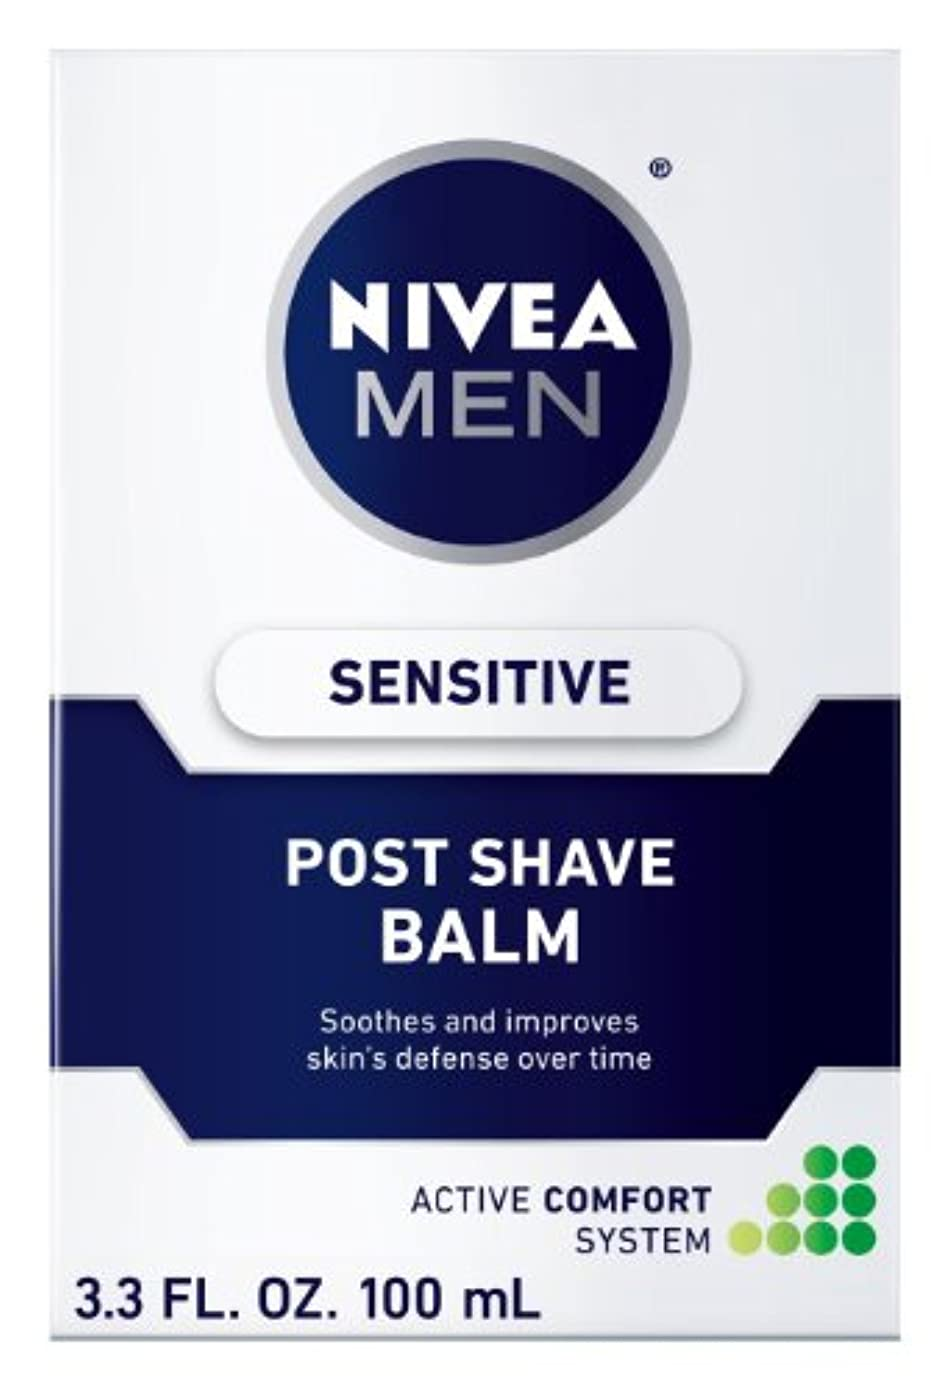 演劇スラダム。【海外直送】 男性用ニベア 敏感肌用 アフターシェーブバーム(100ml) Nivea for Men Sensitive Post Shave Balm (3.3oz)